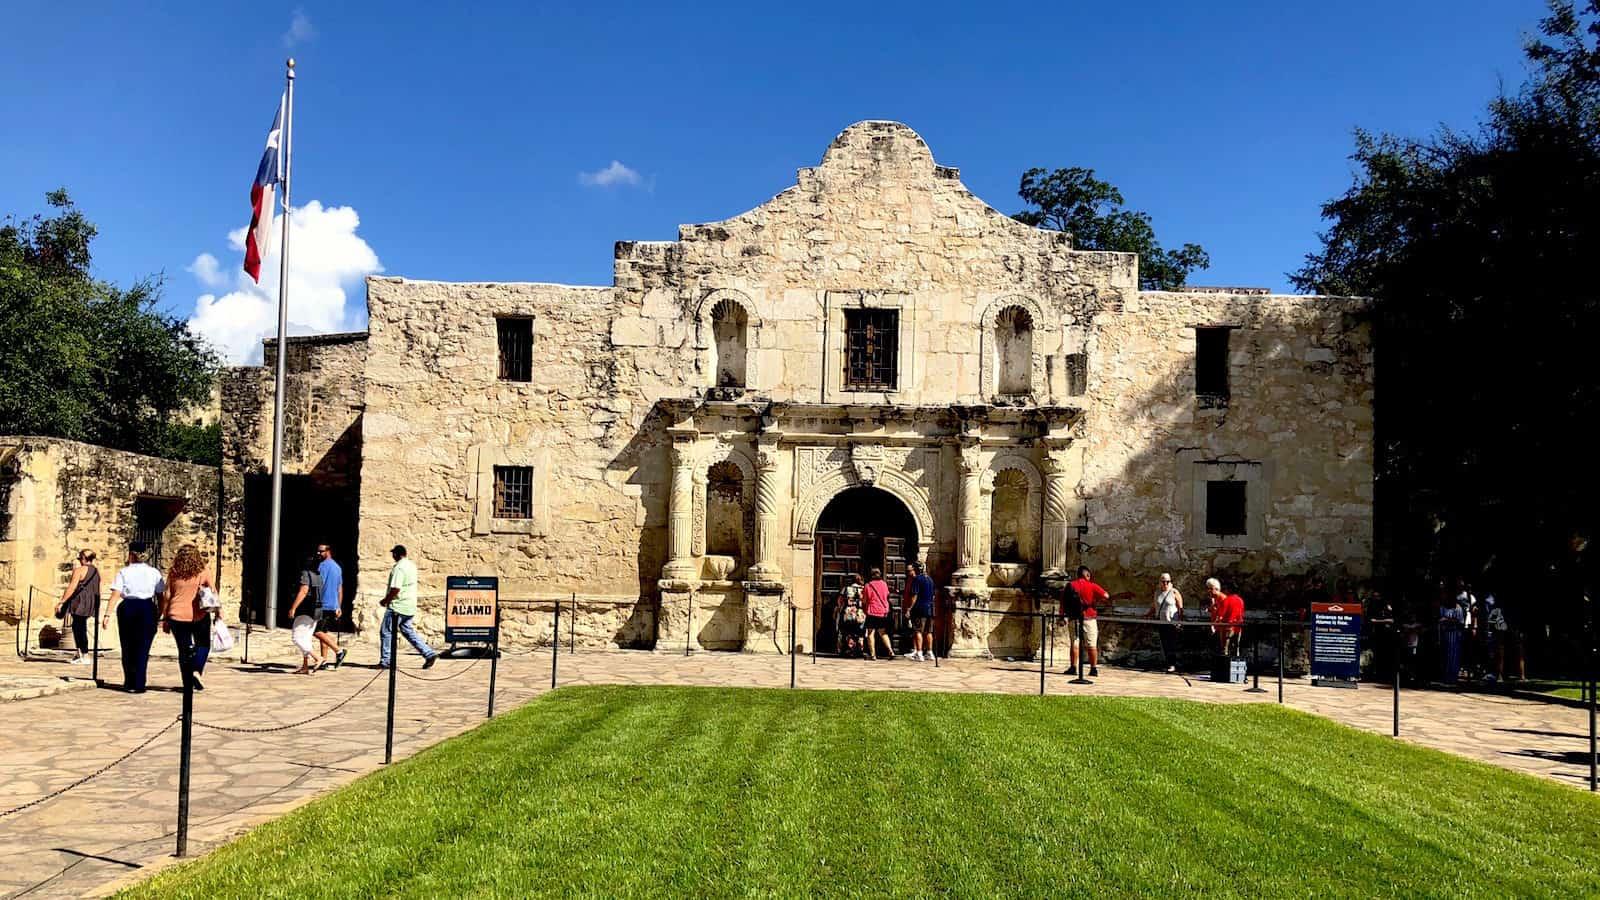 San Antonio, The Alamo